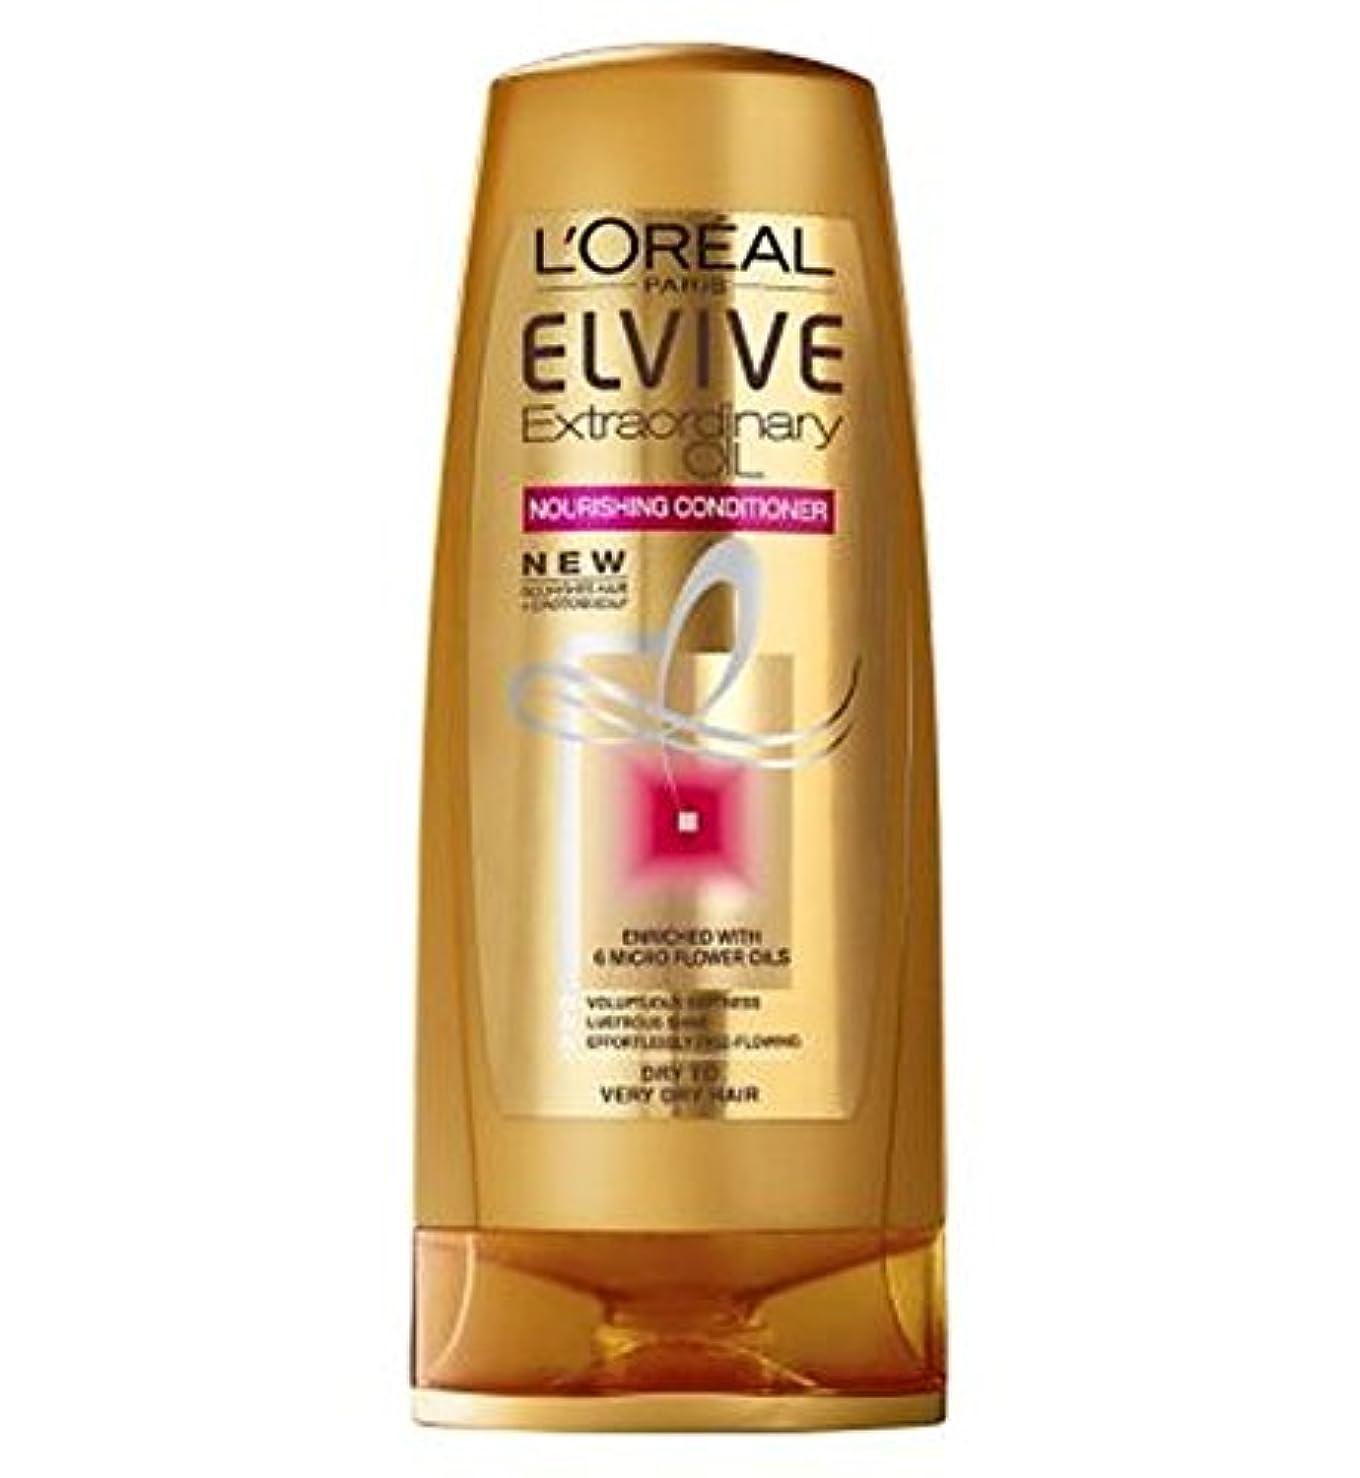 タップ水を飲む再集計ラフヘア250ミリリットルにコンディショナードライ栄養ロレアルElvive臨時油 (L'Oreal) (x2) - L'Oreal Elvive Extraordinary Oils Nourishing Conditioner...